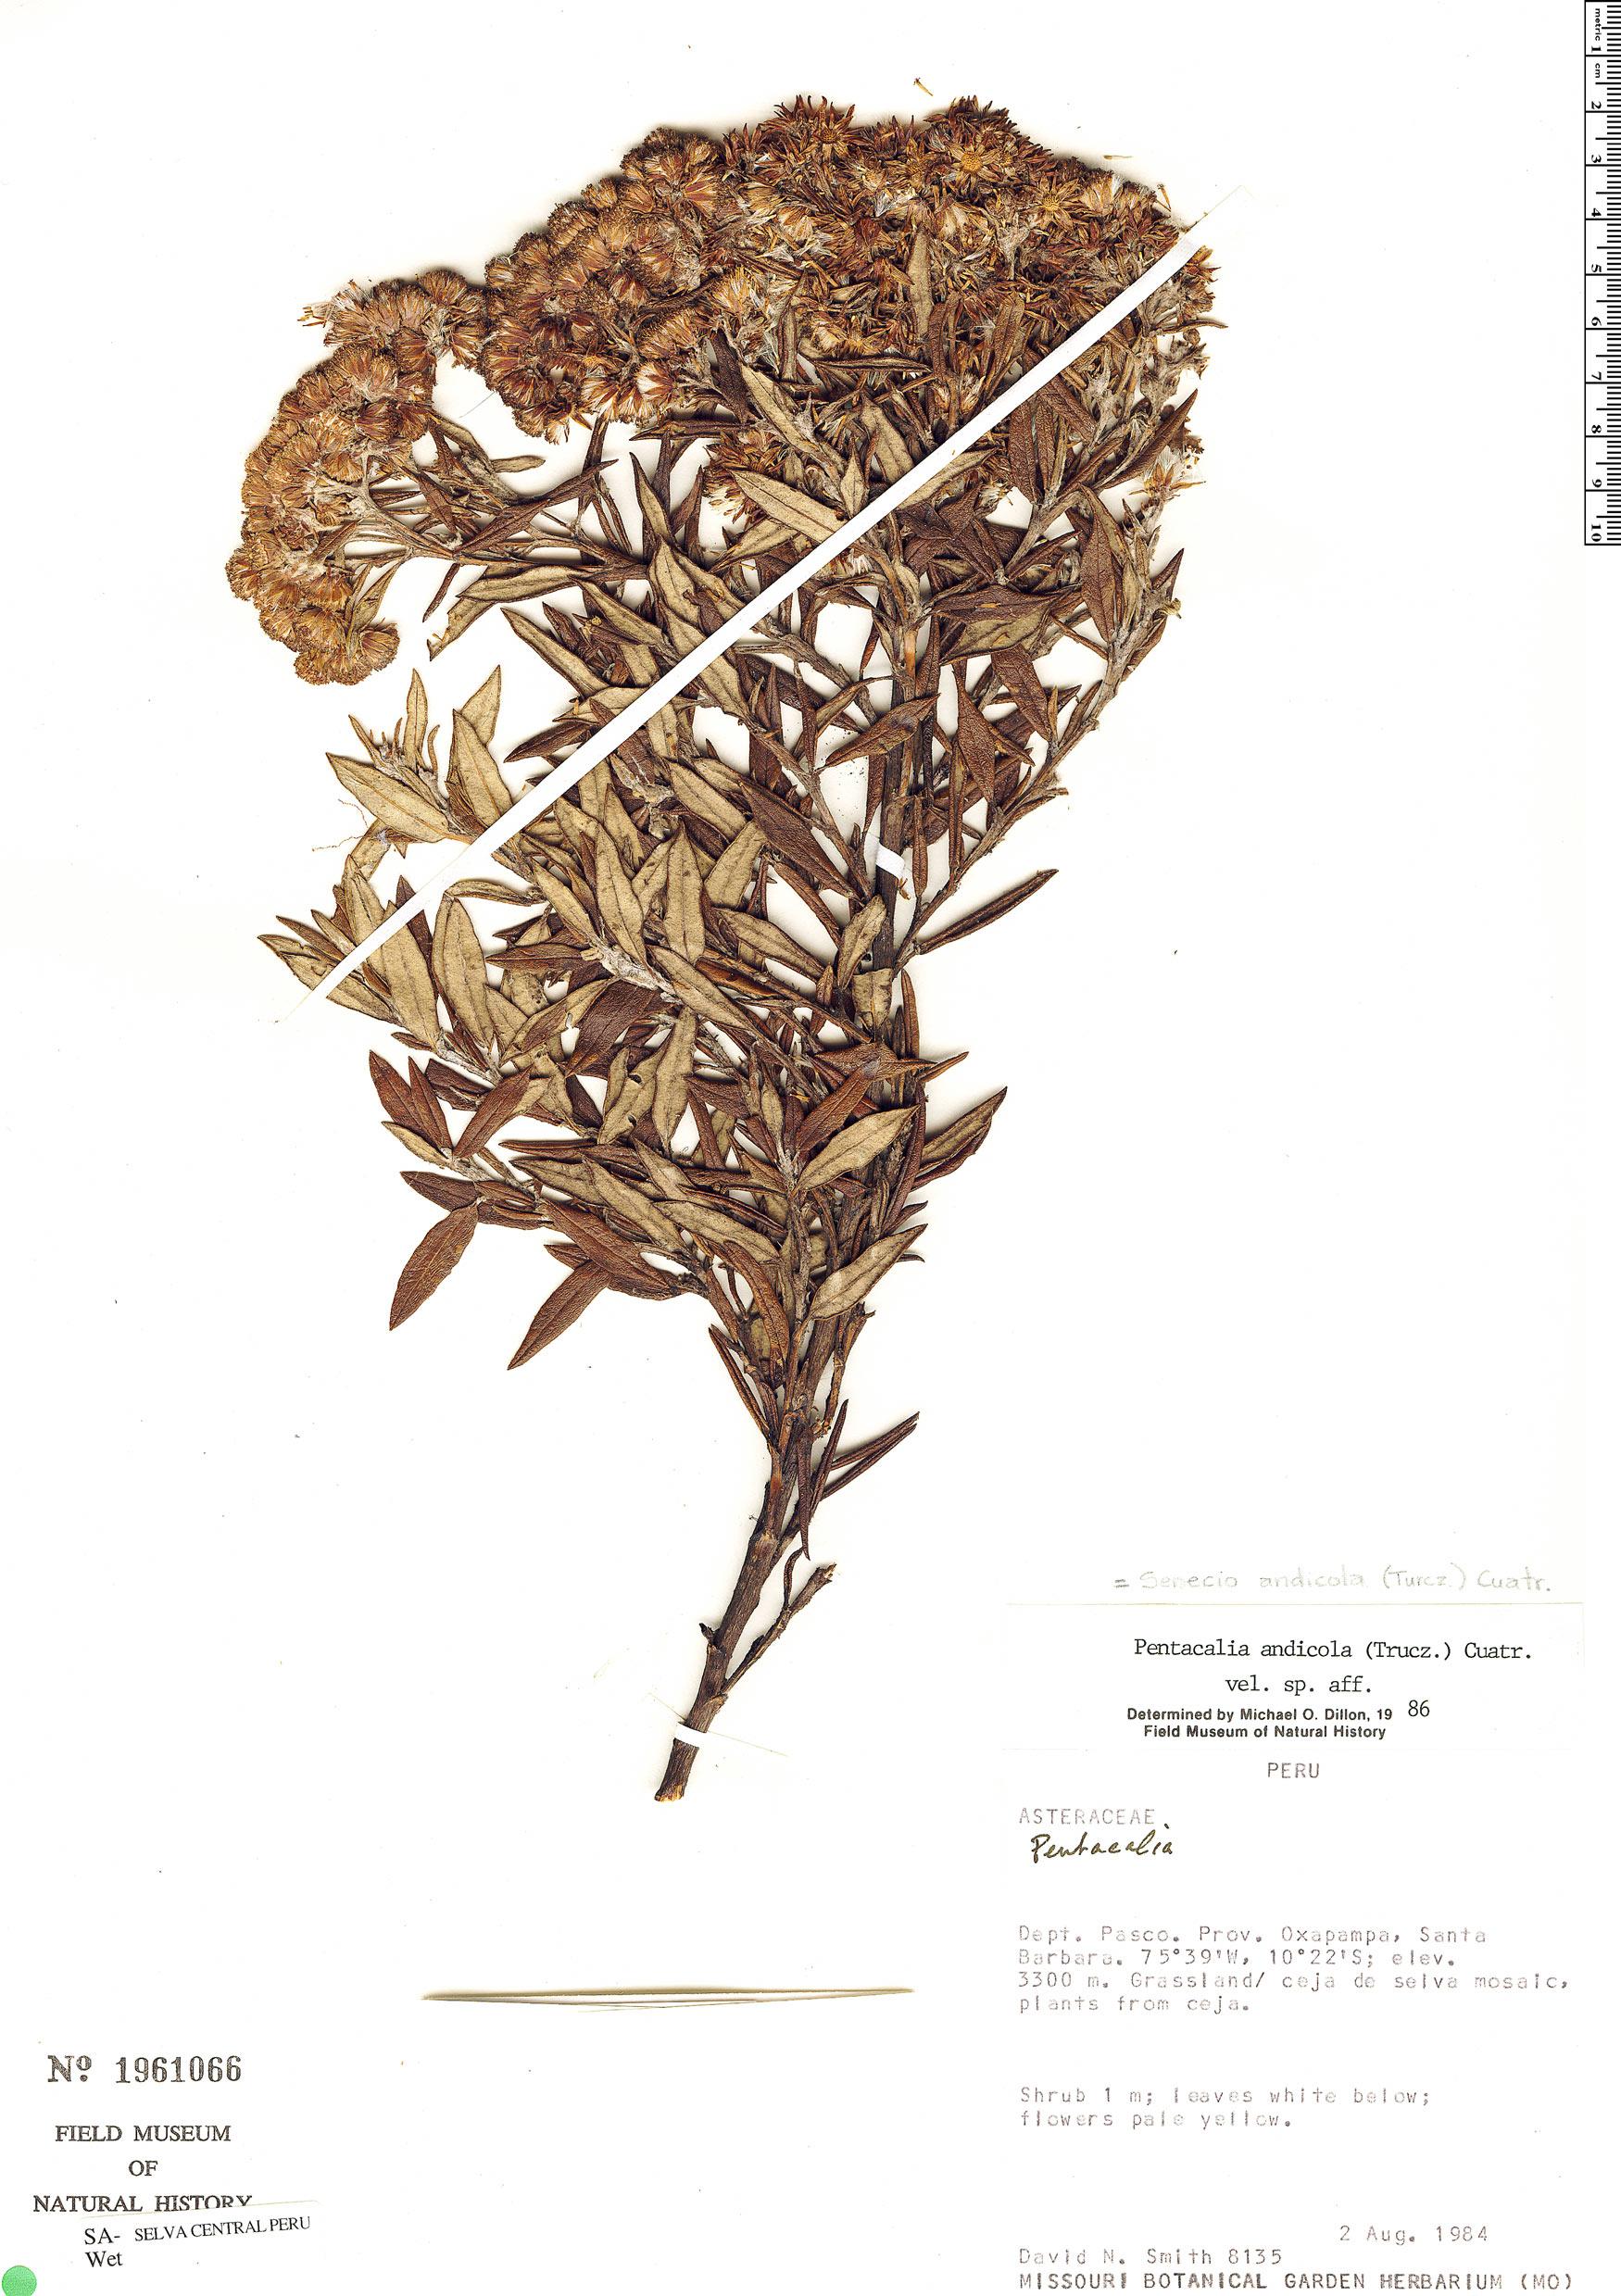 Specimen: Pentacalia andicola